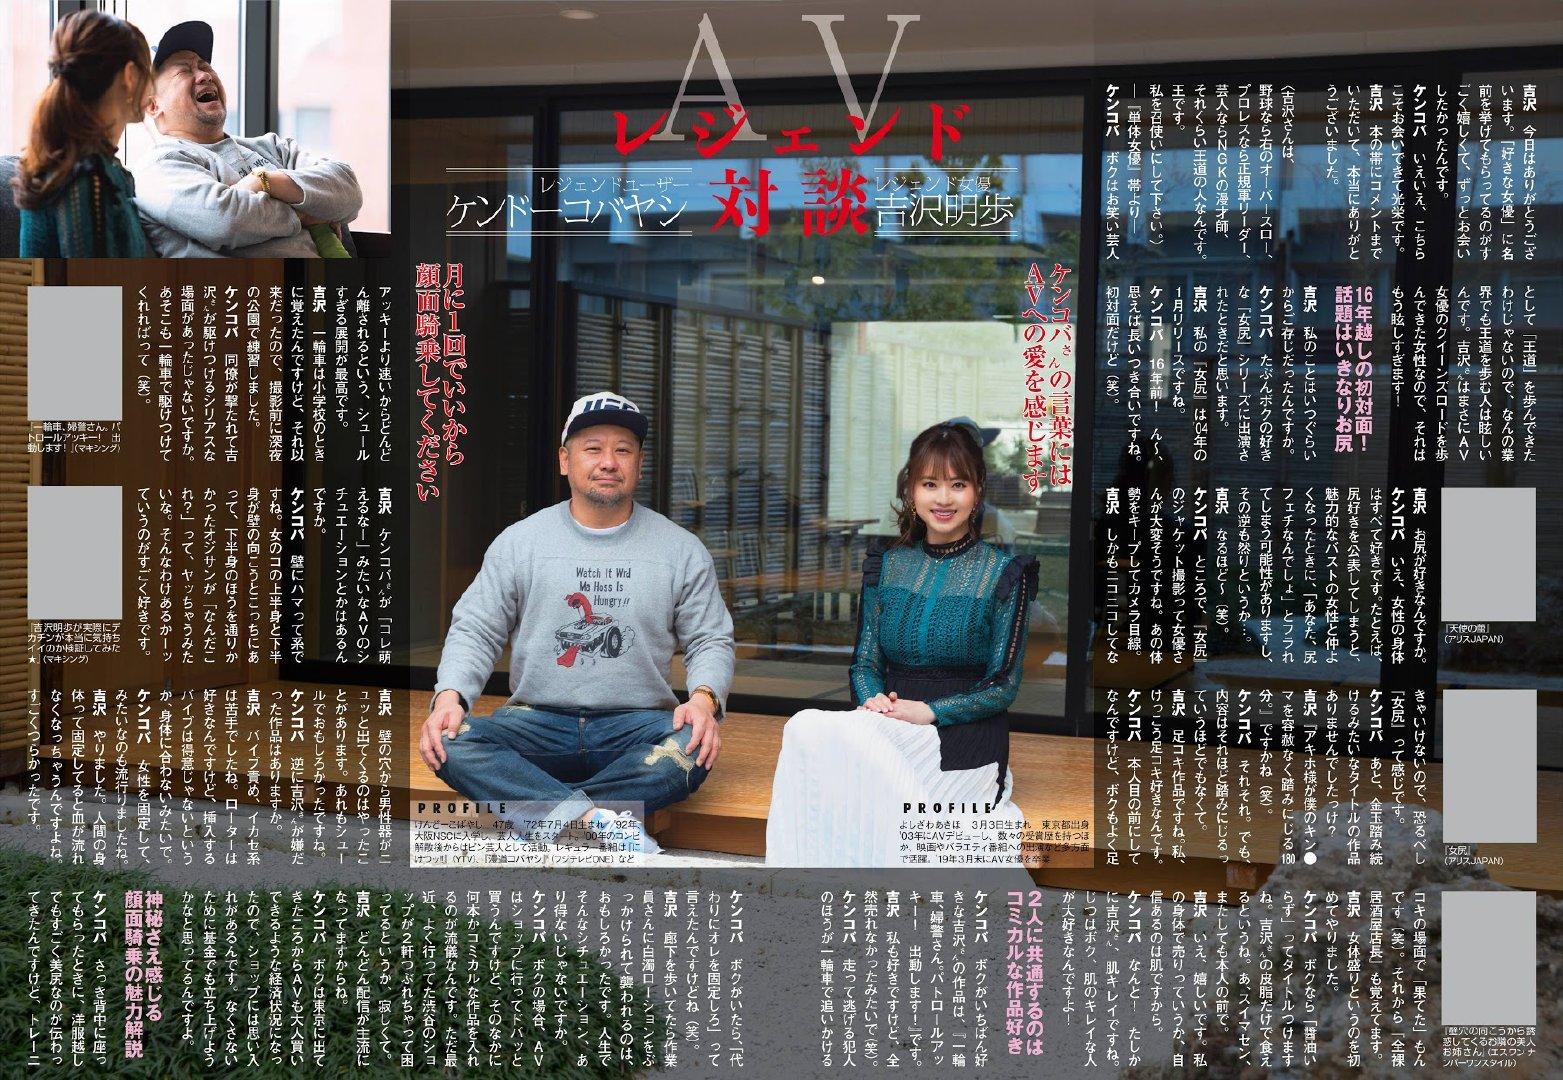 吉沢明歩『伝説』